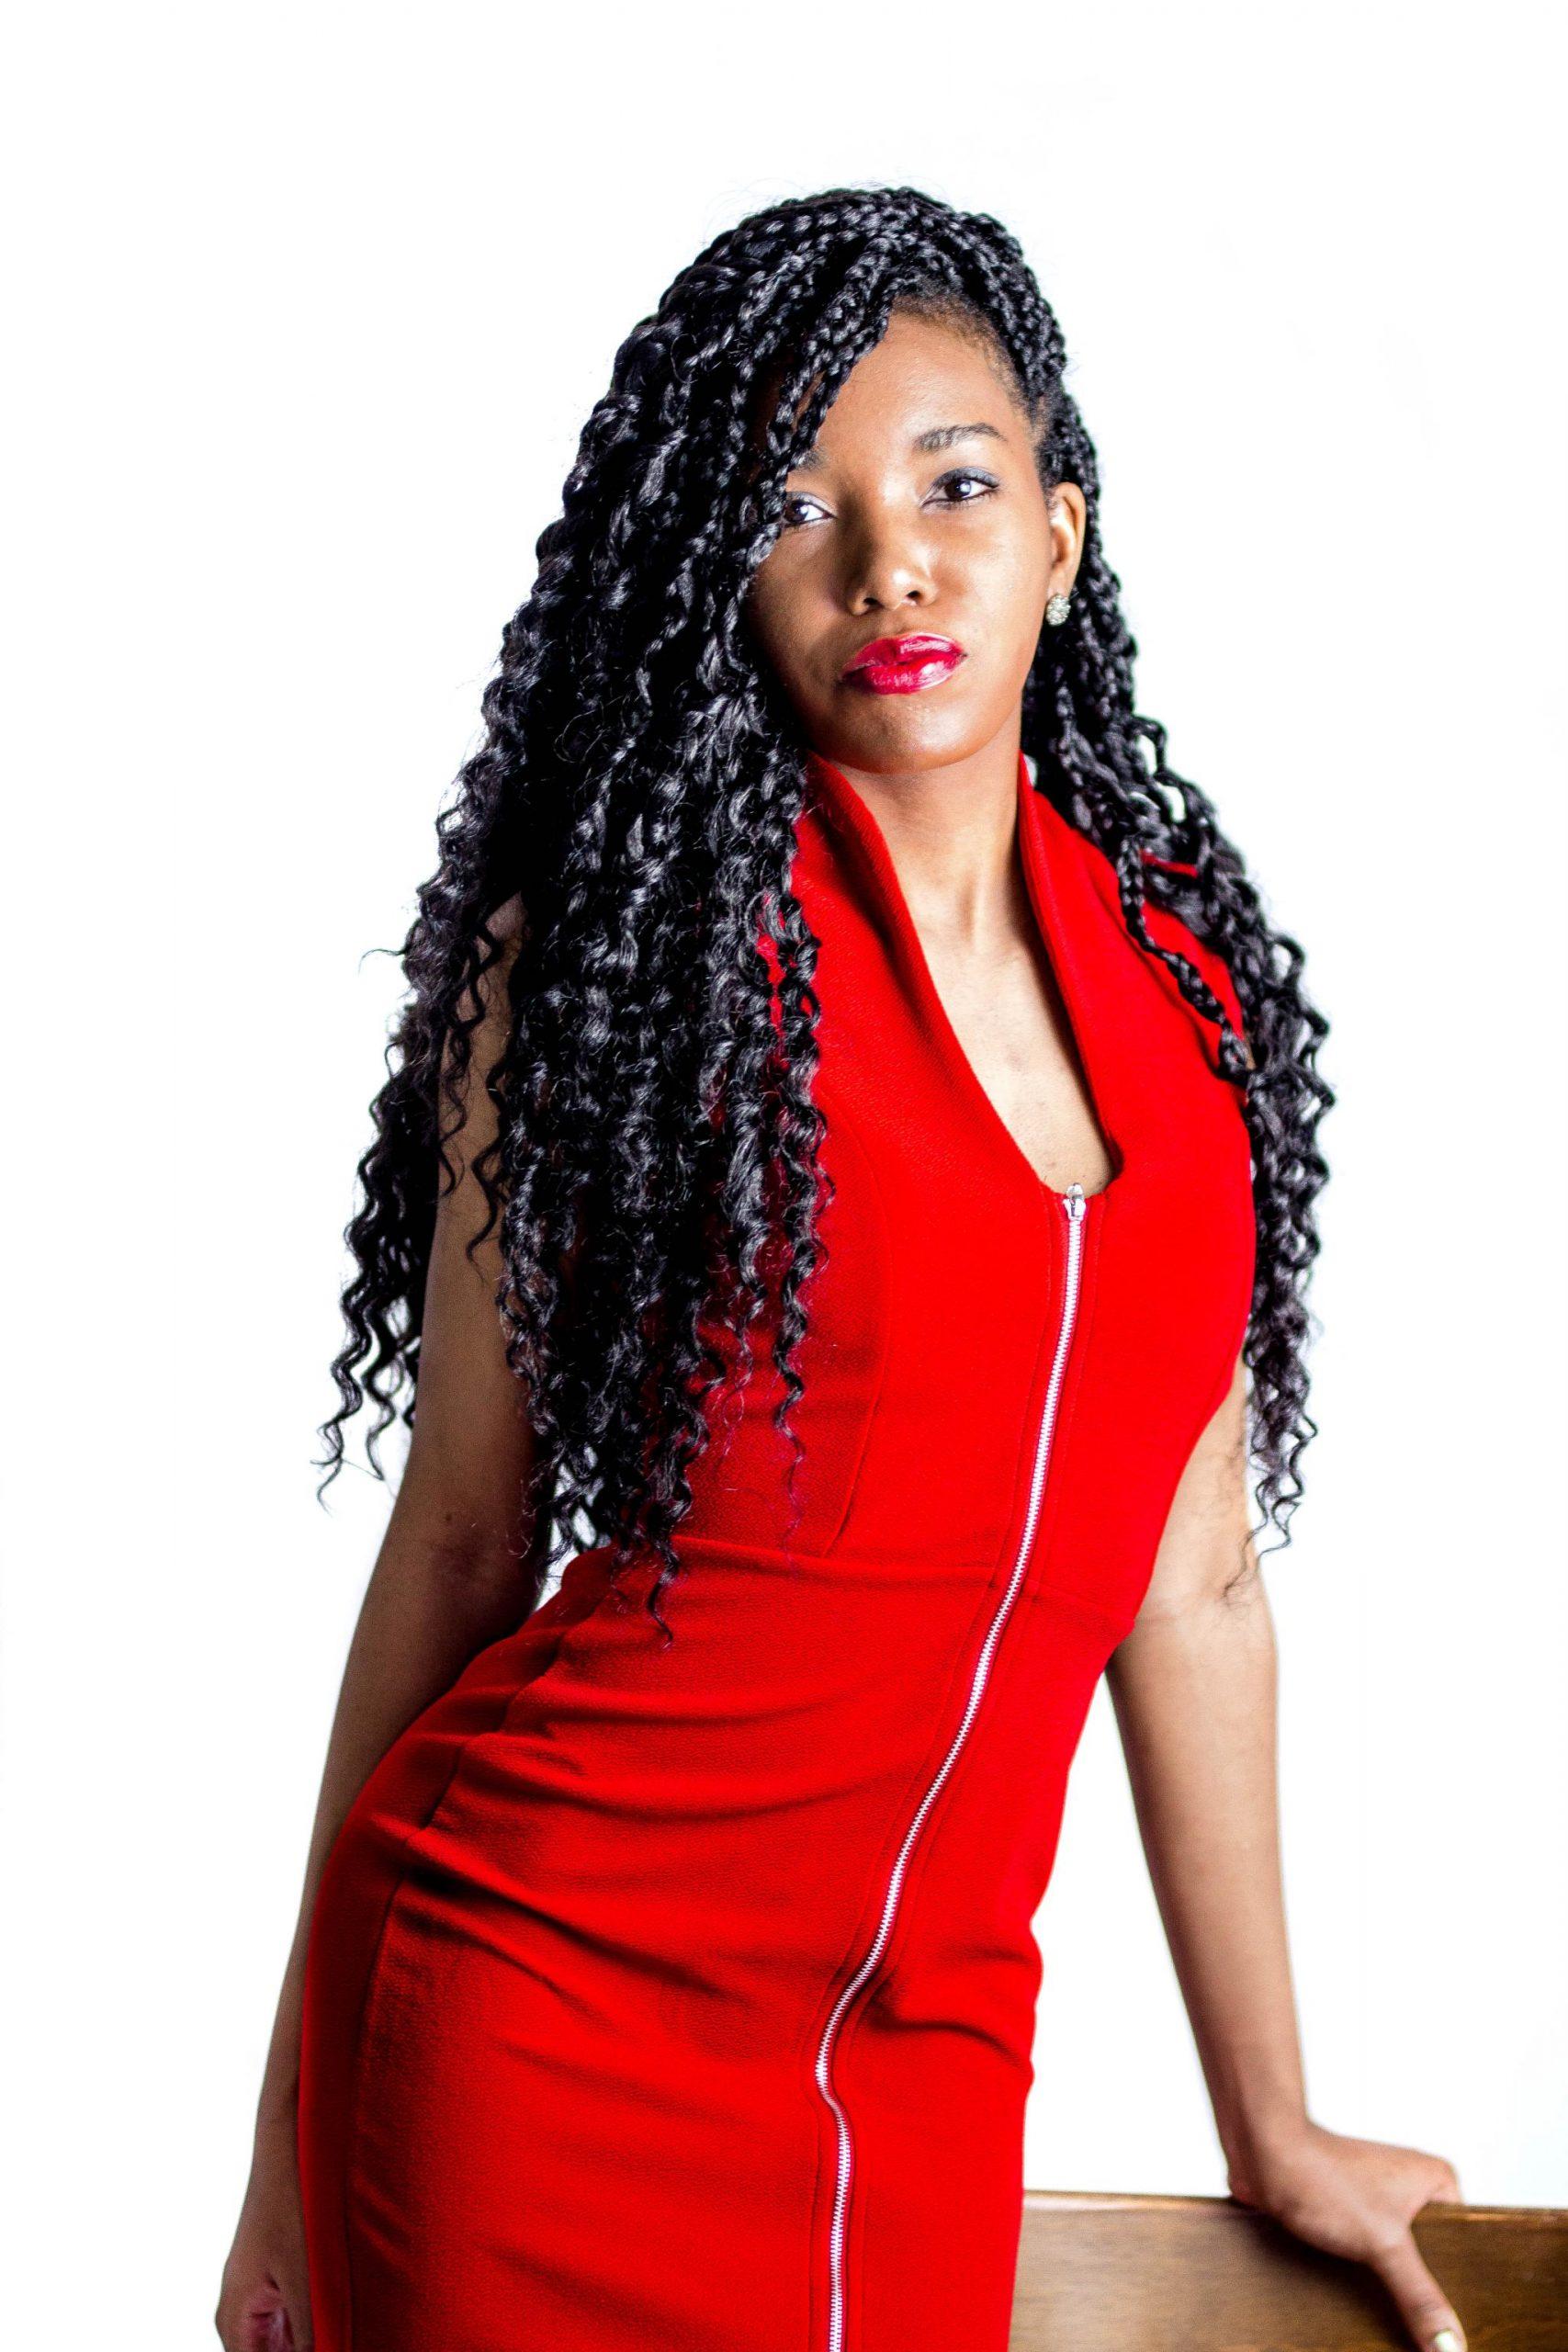 Red Dress Fun